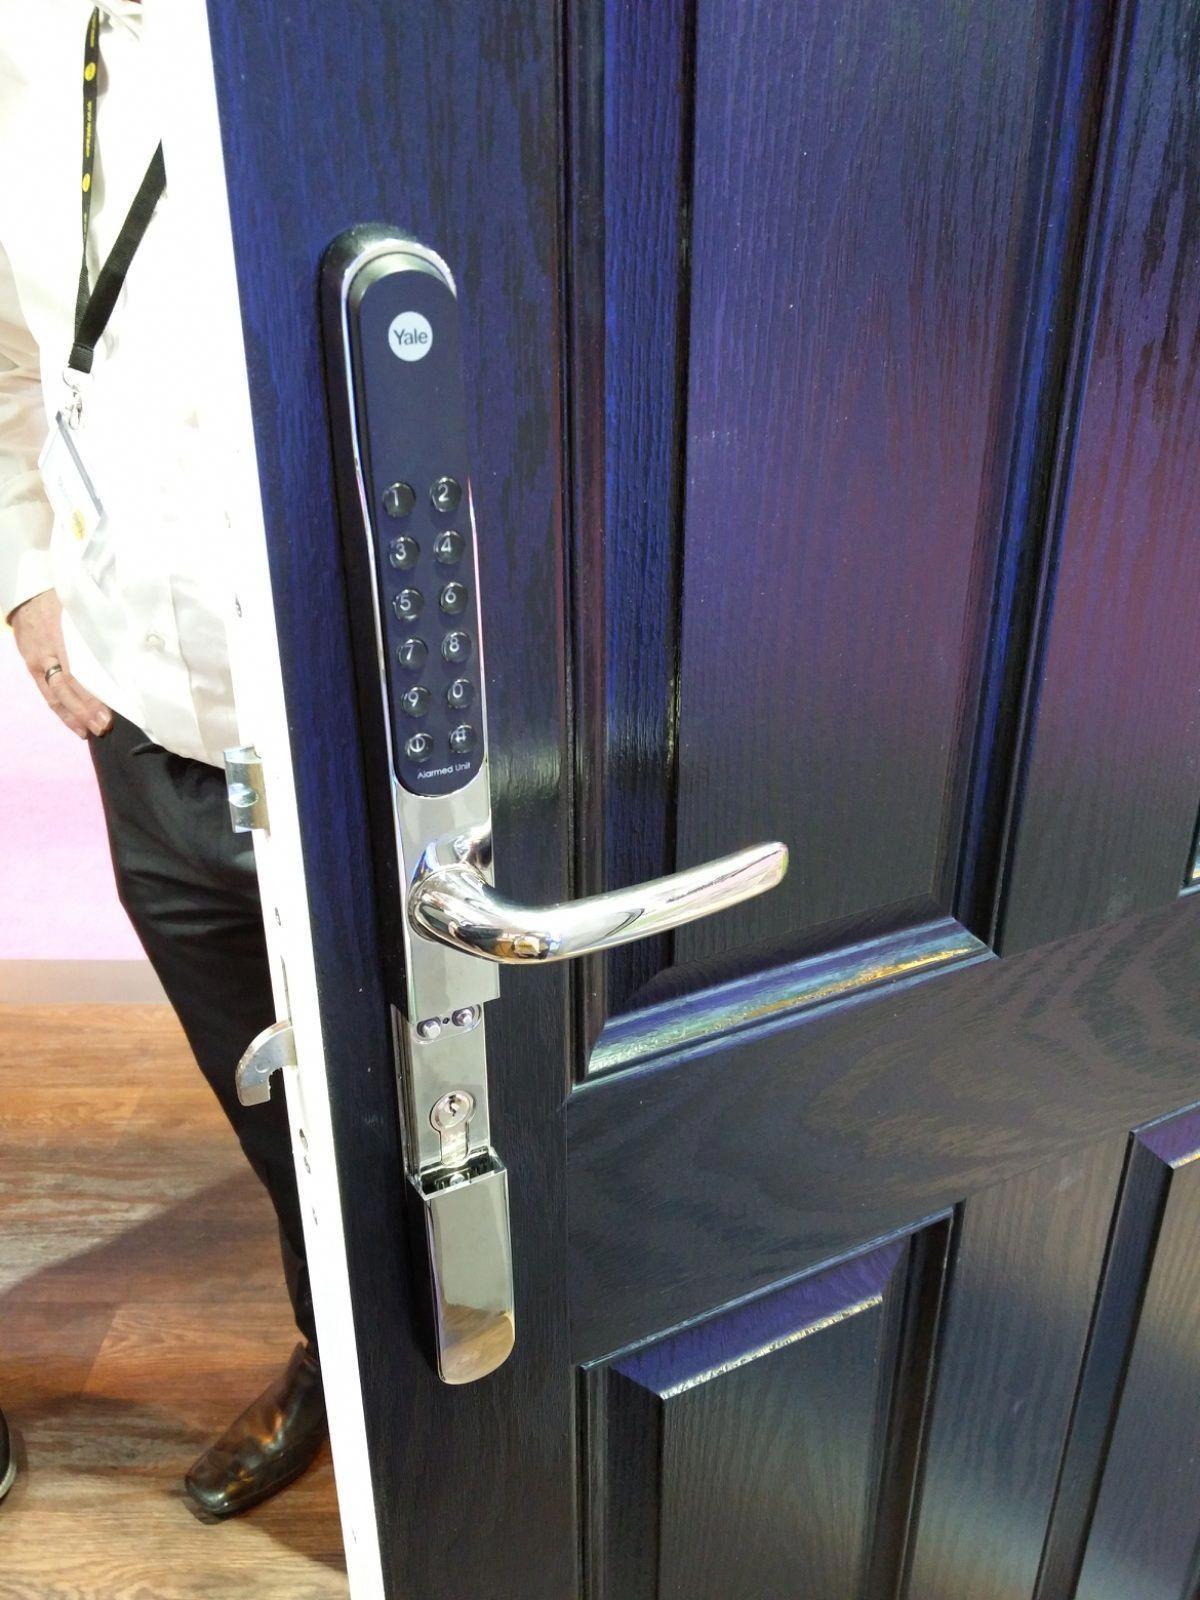 Yale Keyfree Connected Smart Lock Frontdoor Smart Door Locks Smart Lock Smartthings